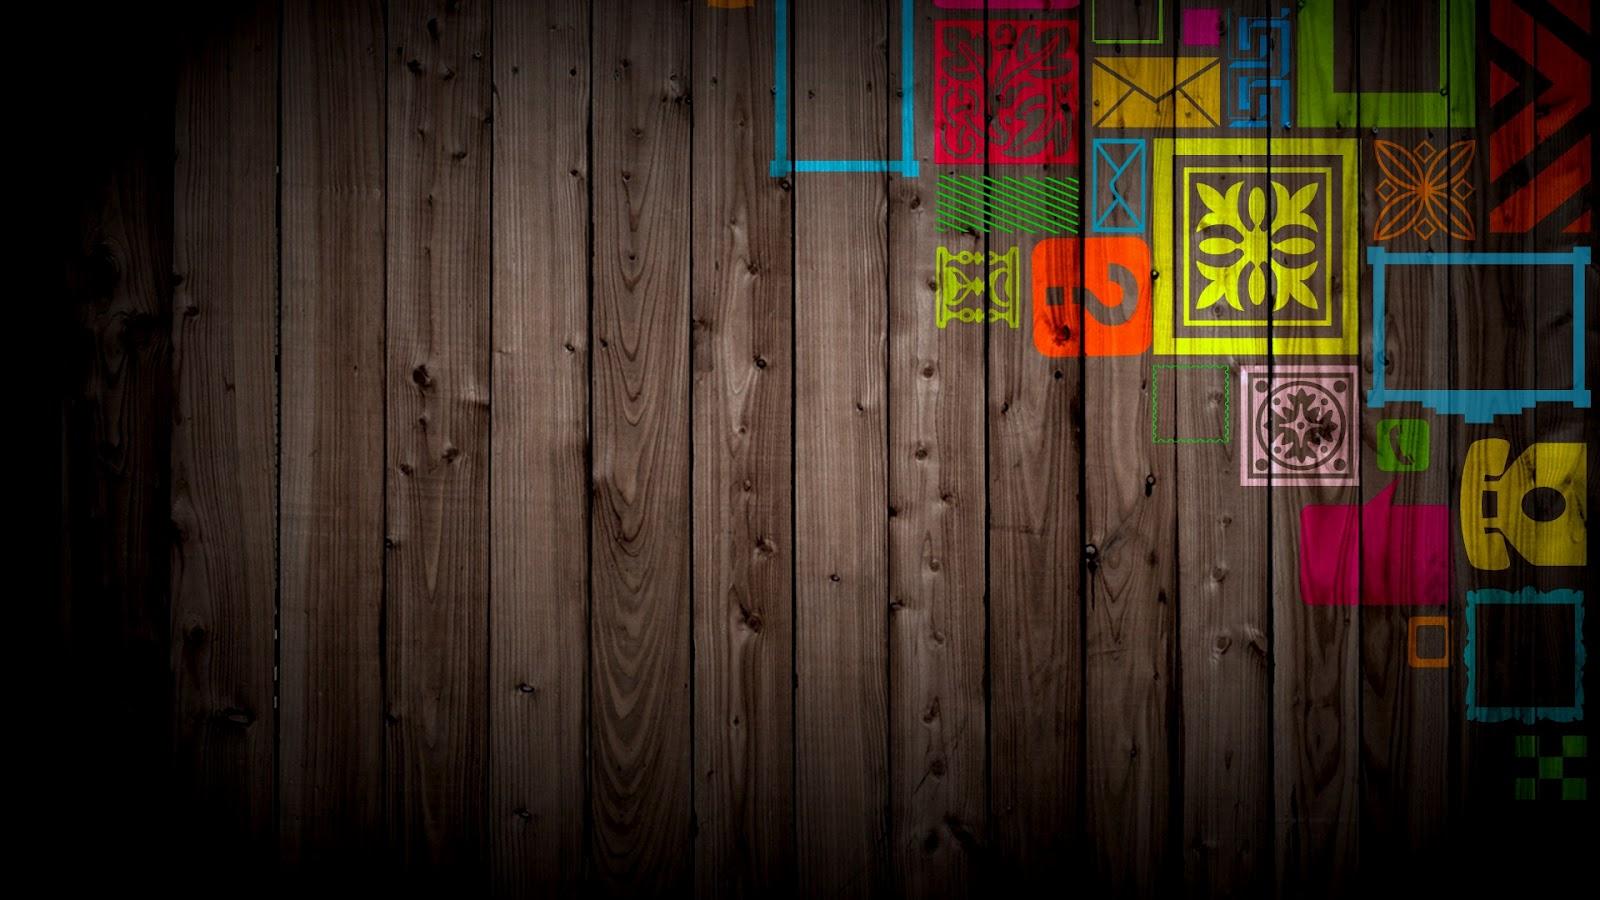 Abstract Hd Wallpapers 1080p - WallpaperSafari